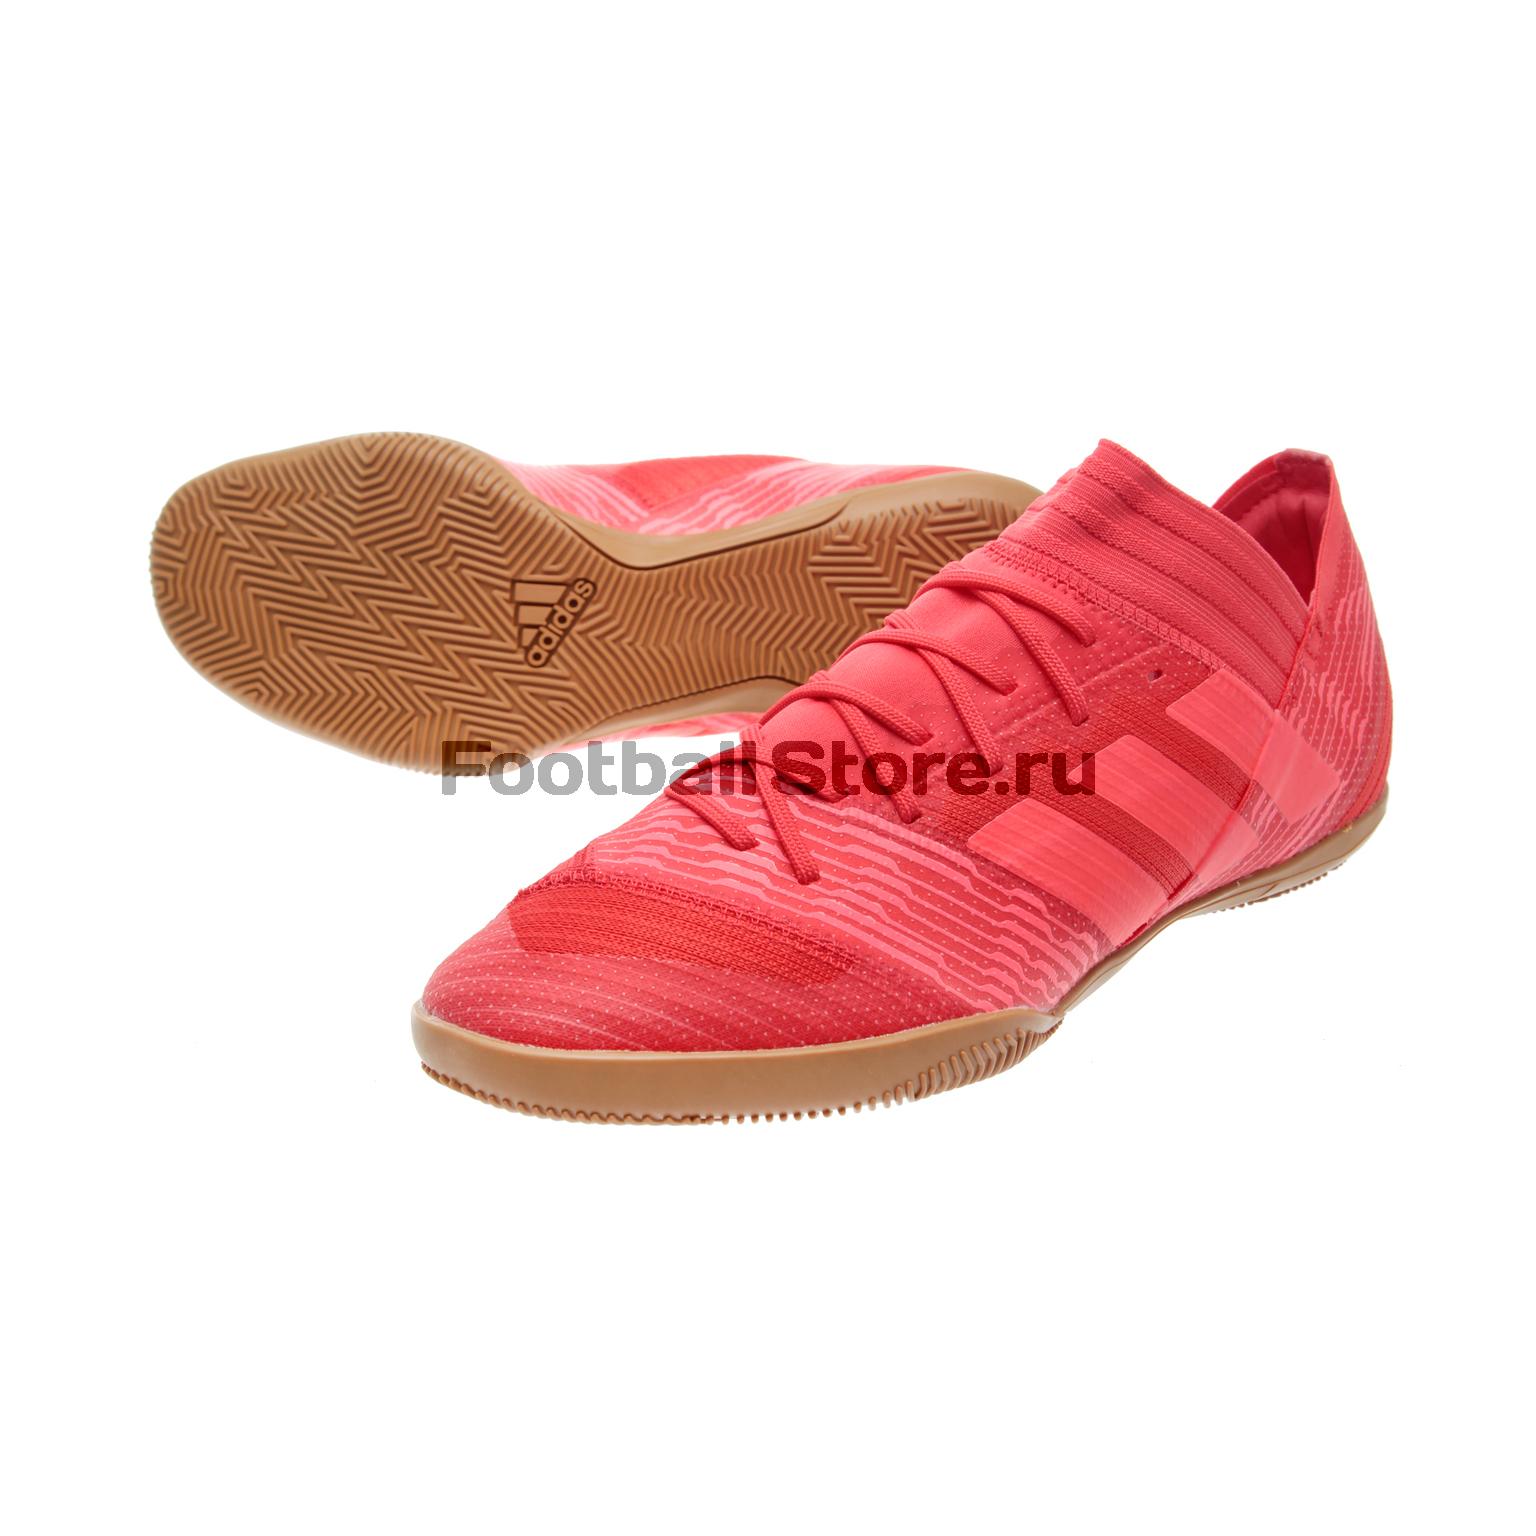 Обувь для зала Adidas Nemeziz Tango 17.3 IN CP9112 обувь для зала adidas ace tango 18 3 in jr cp9075